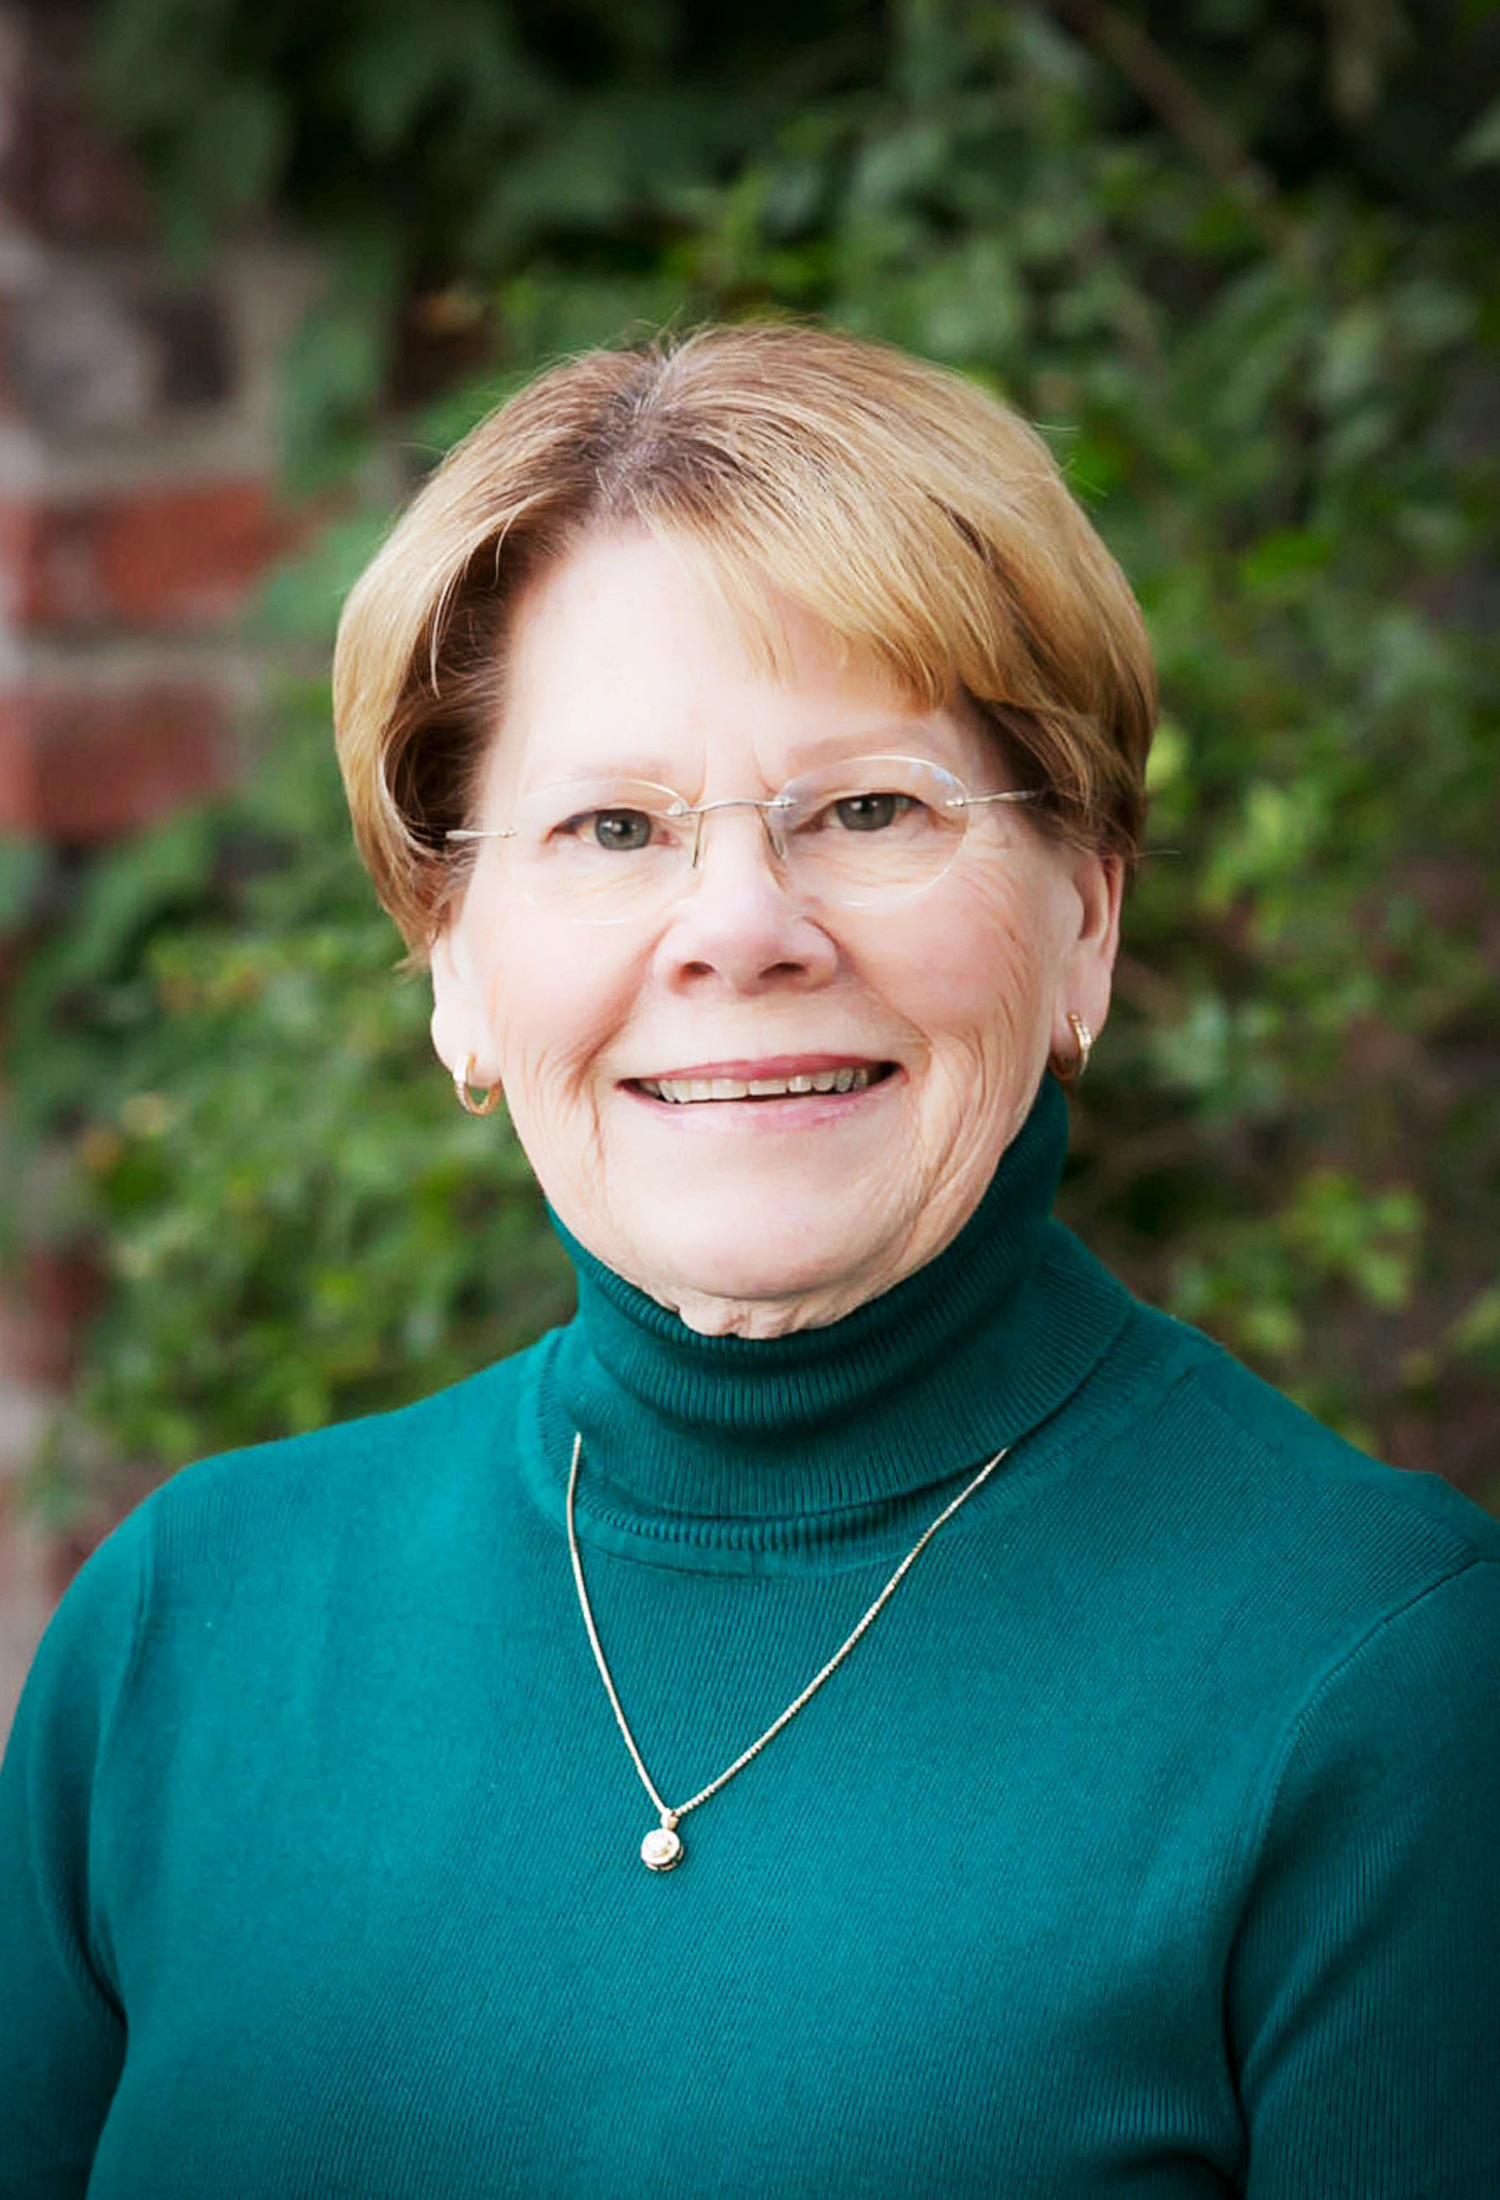 Bonnie Kummell